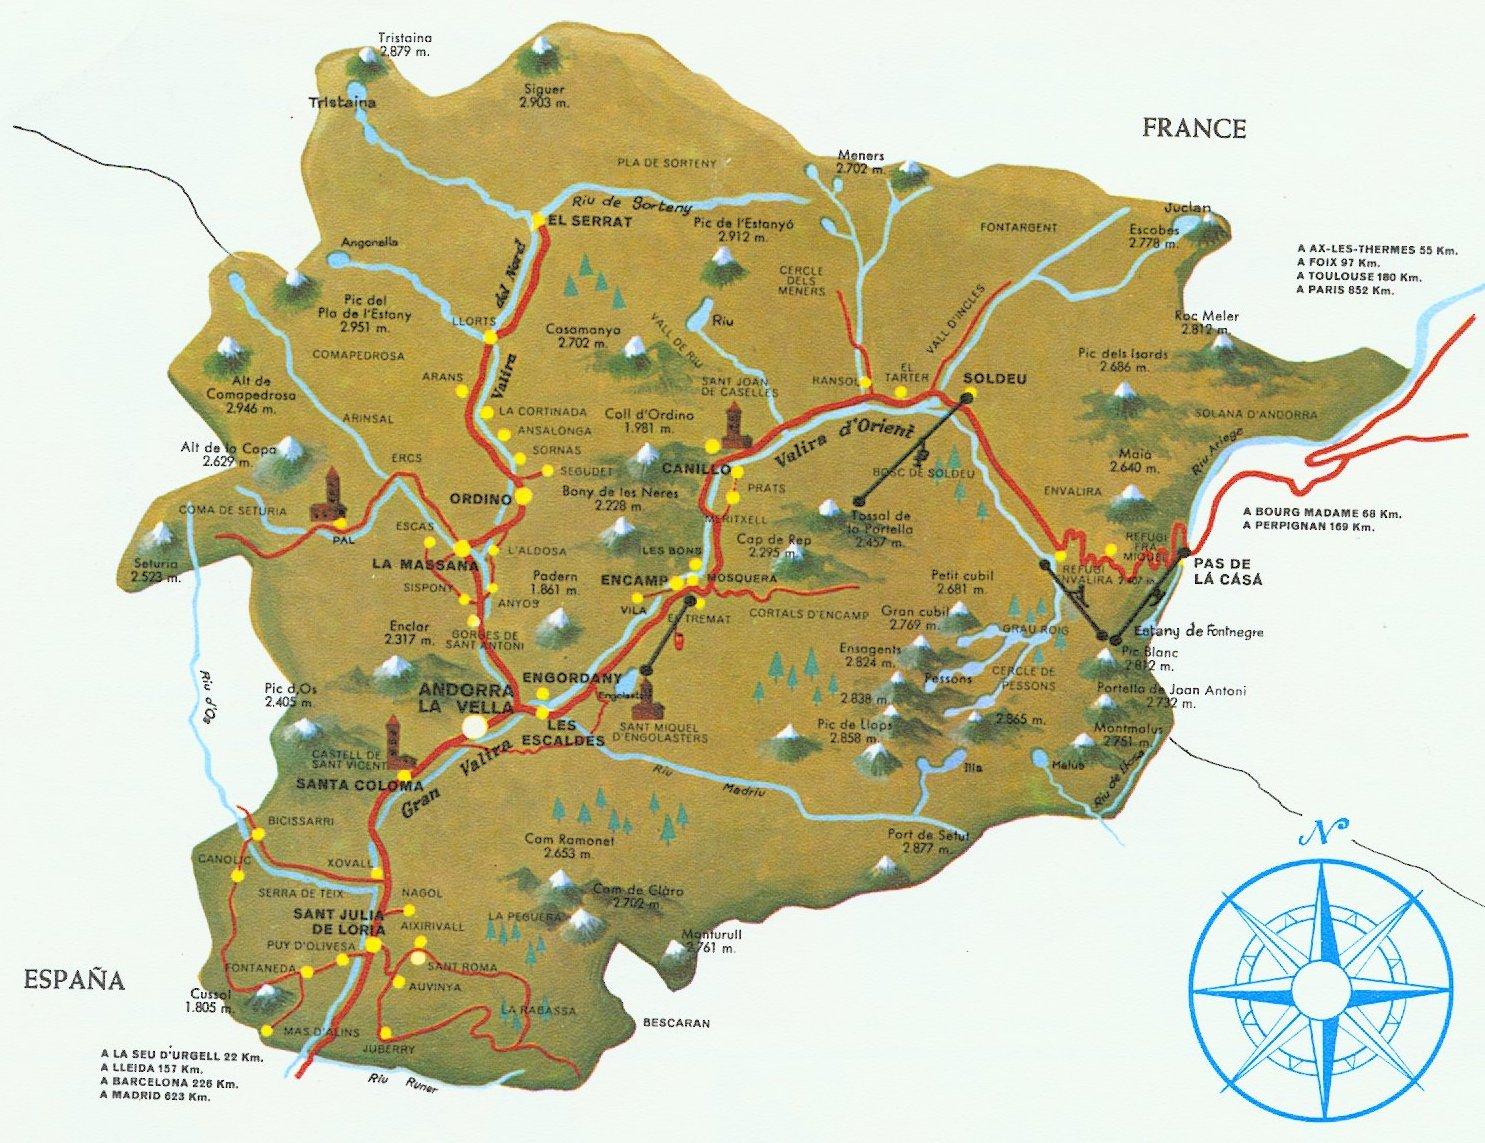 Mapa Geográfico de Andorra 2